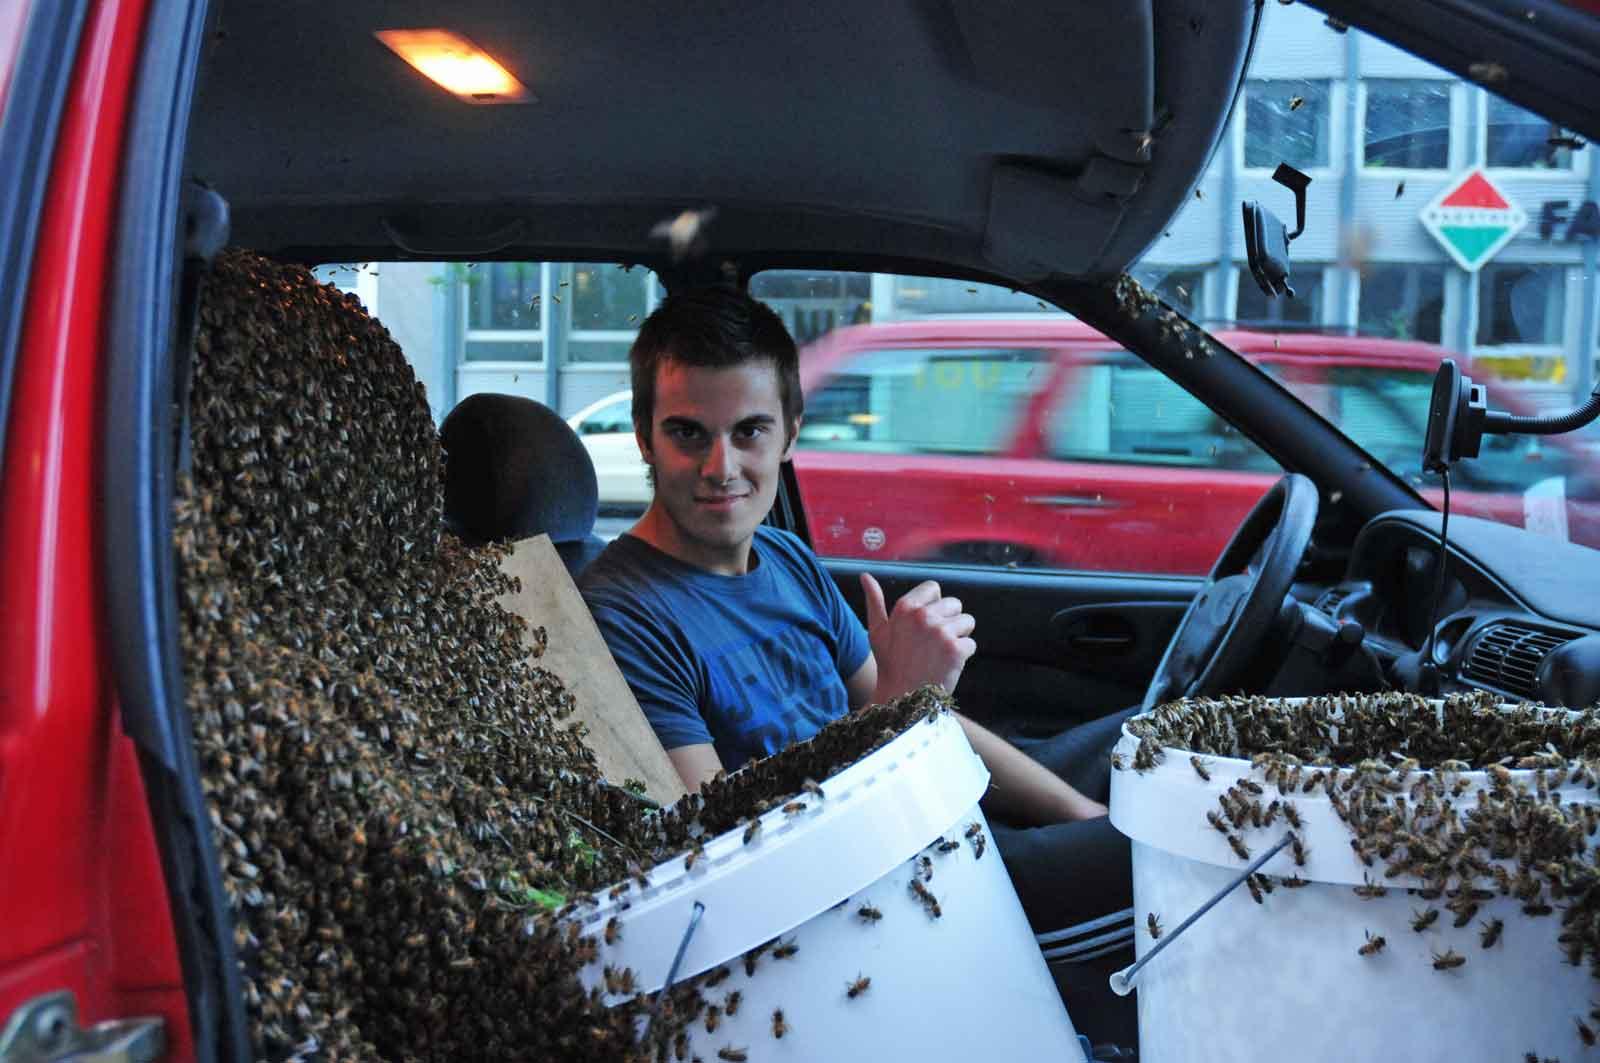 Nicht nur ein Bienenschwarm im Auto, sondern gleich zwei. Abends beim Training bei McFit in Bonn und einige der Sportler nutzten die Gelegenheit für nette Bilder